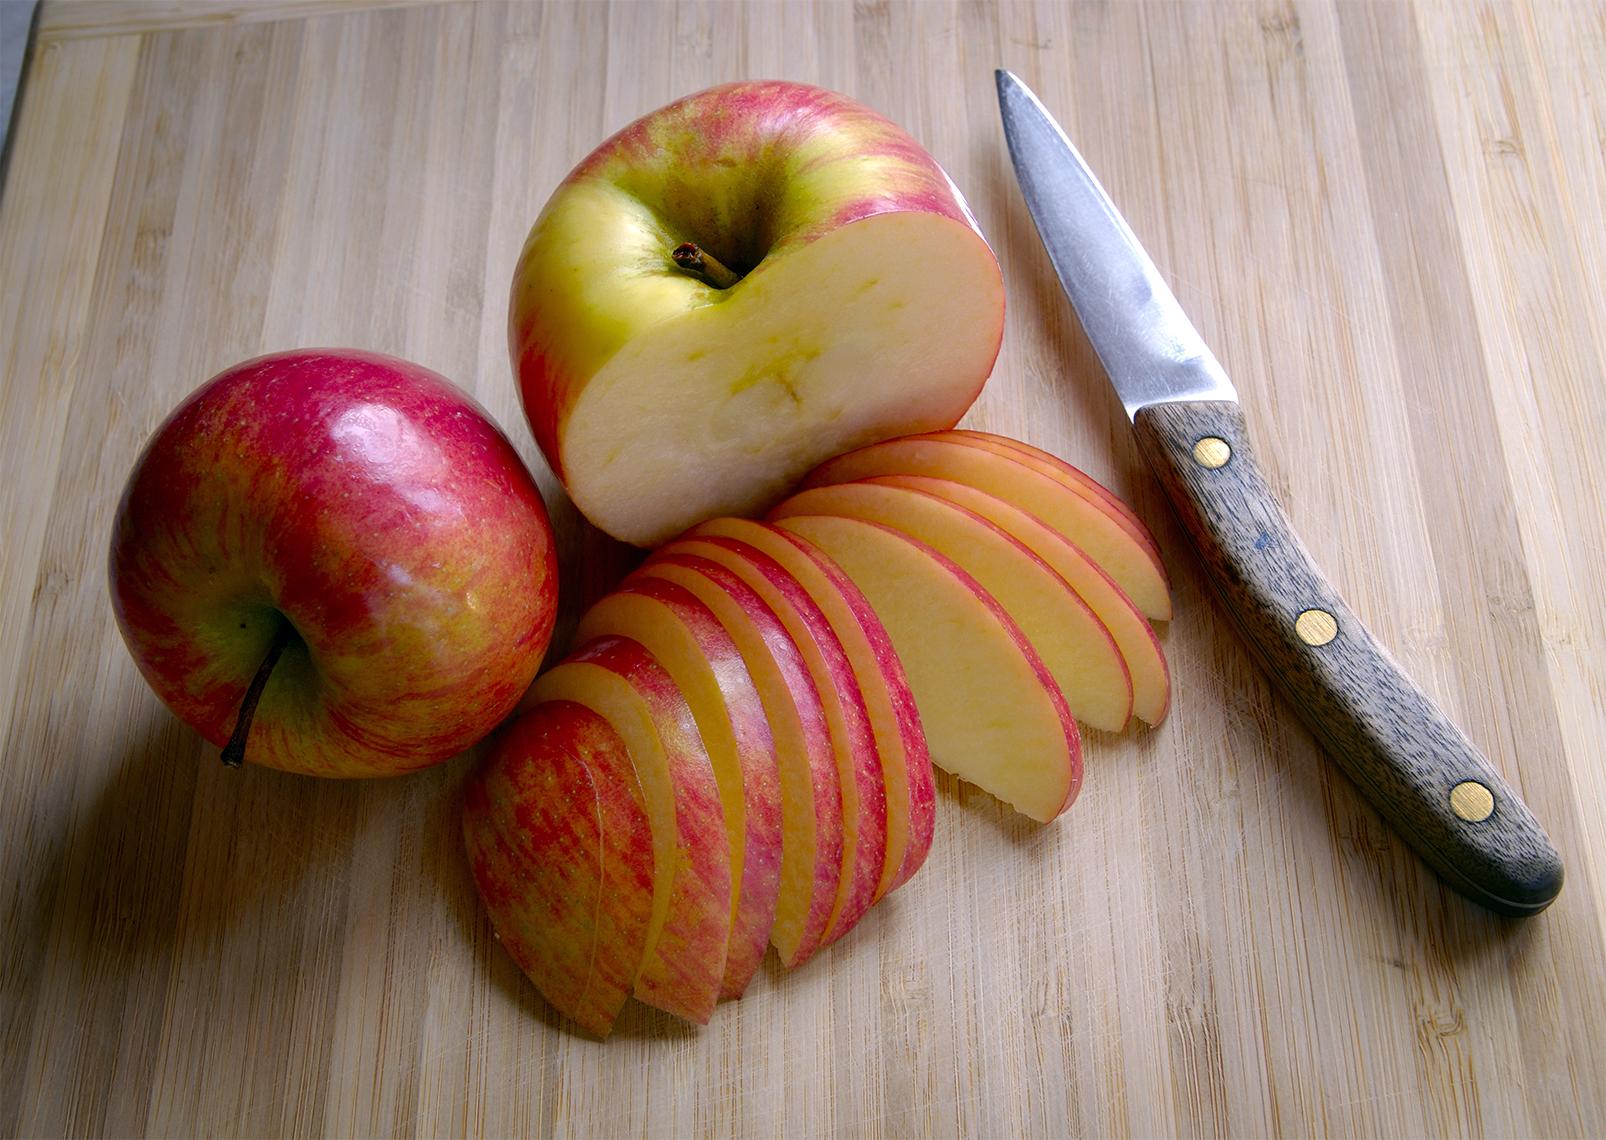 Manzanas enteras y rebanadas